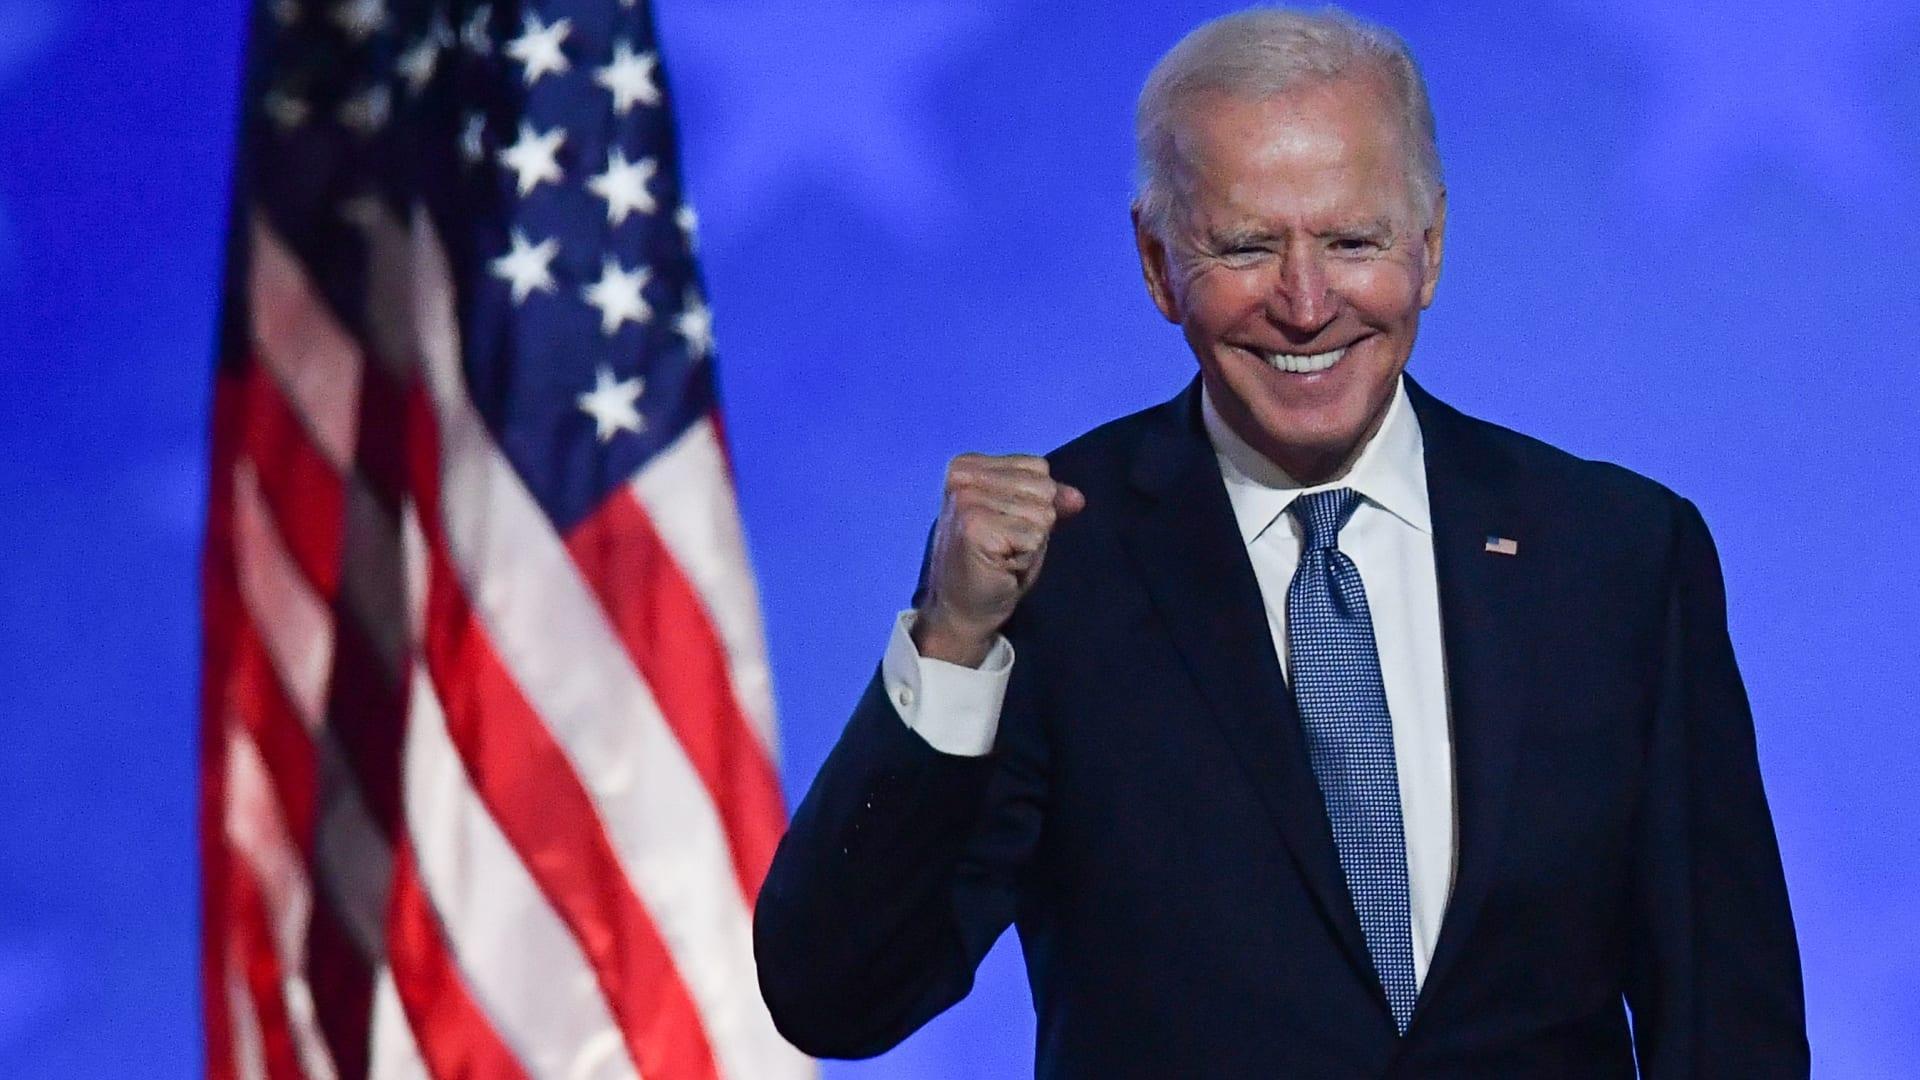 جو بايدن في البيت الأبيض.. من هو الرئيس الأمريكي الـ46؟